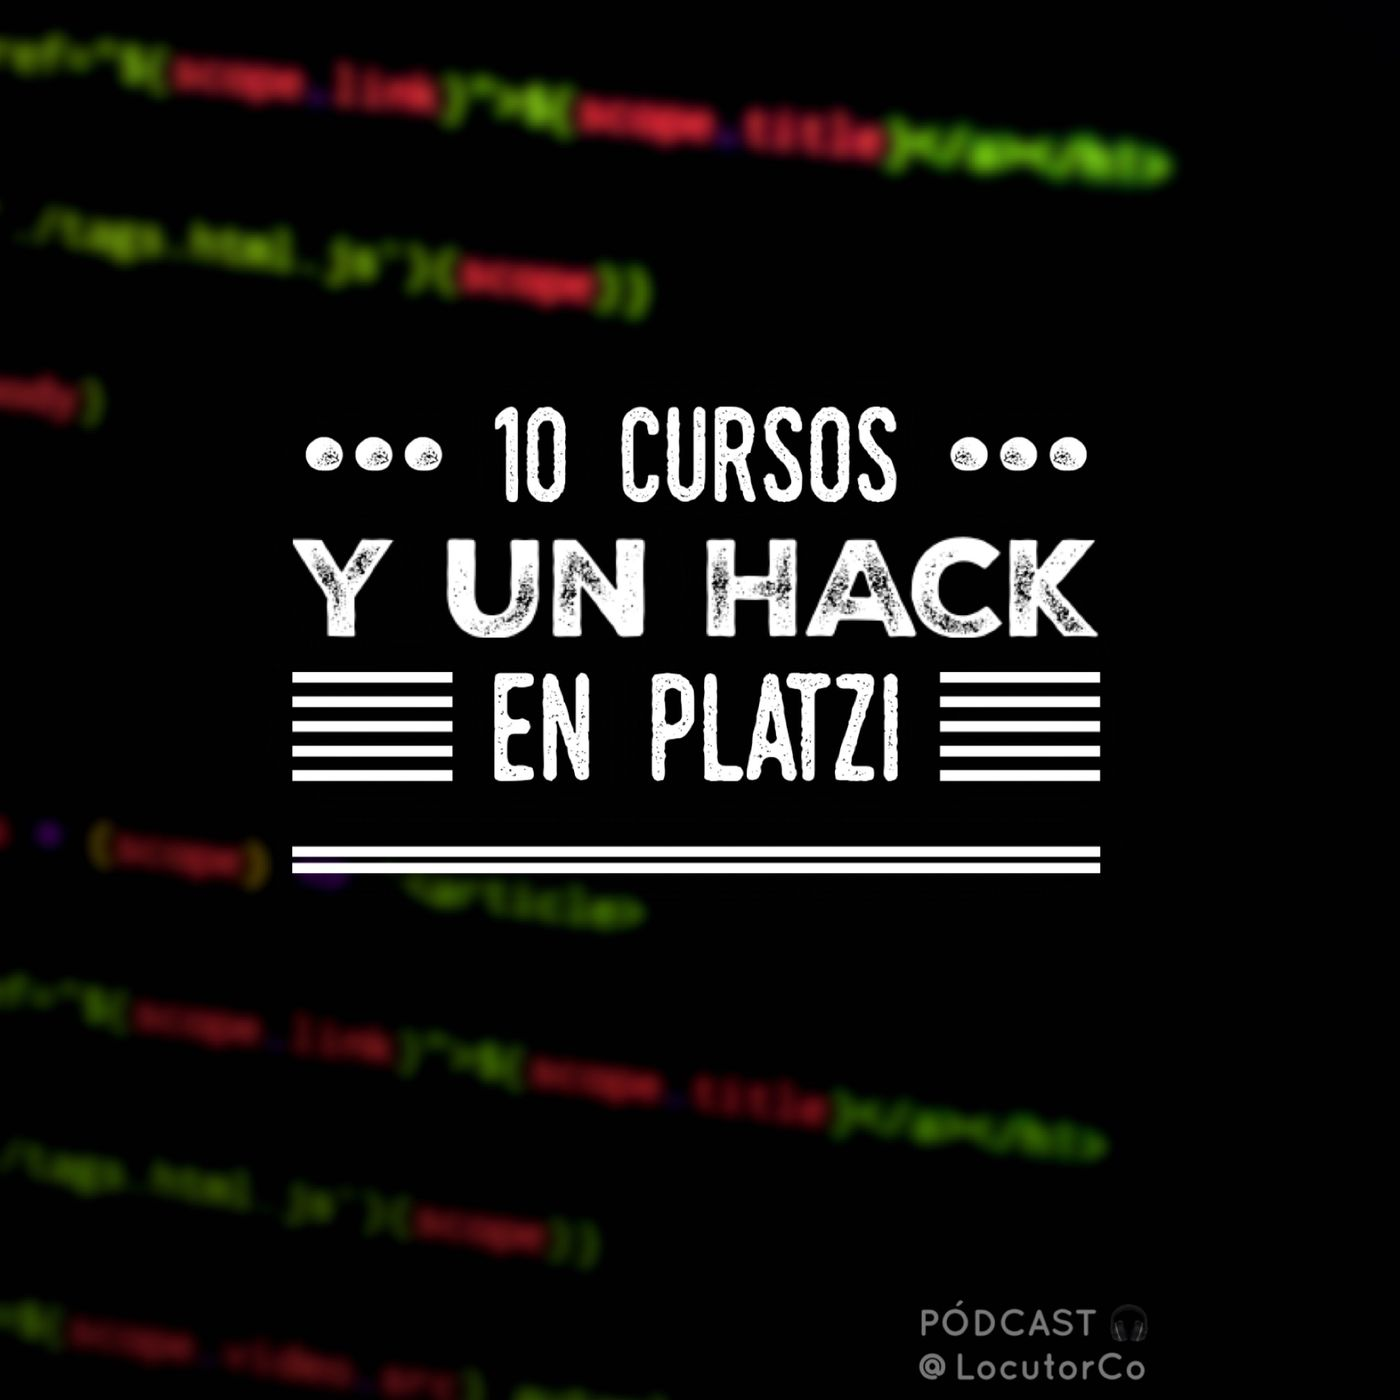 10 cursos de Platzi y un hack para pagar menos 🧾🧑🎓